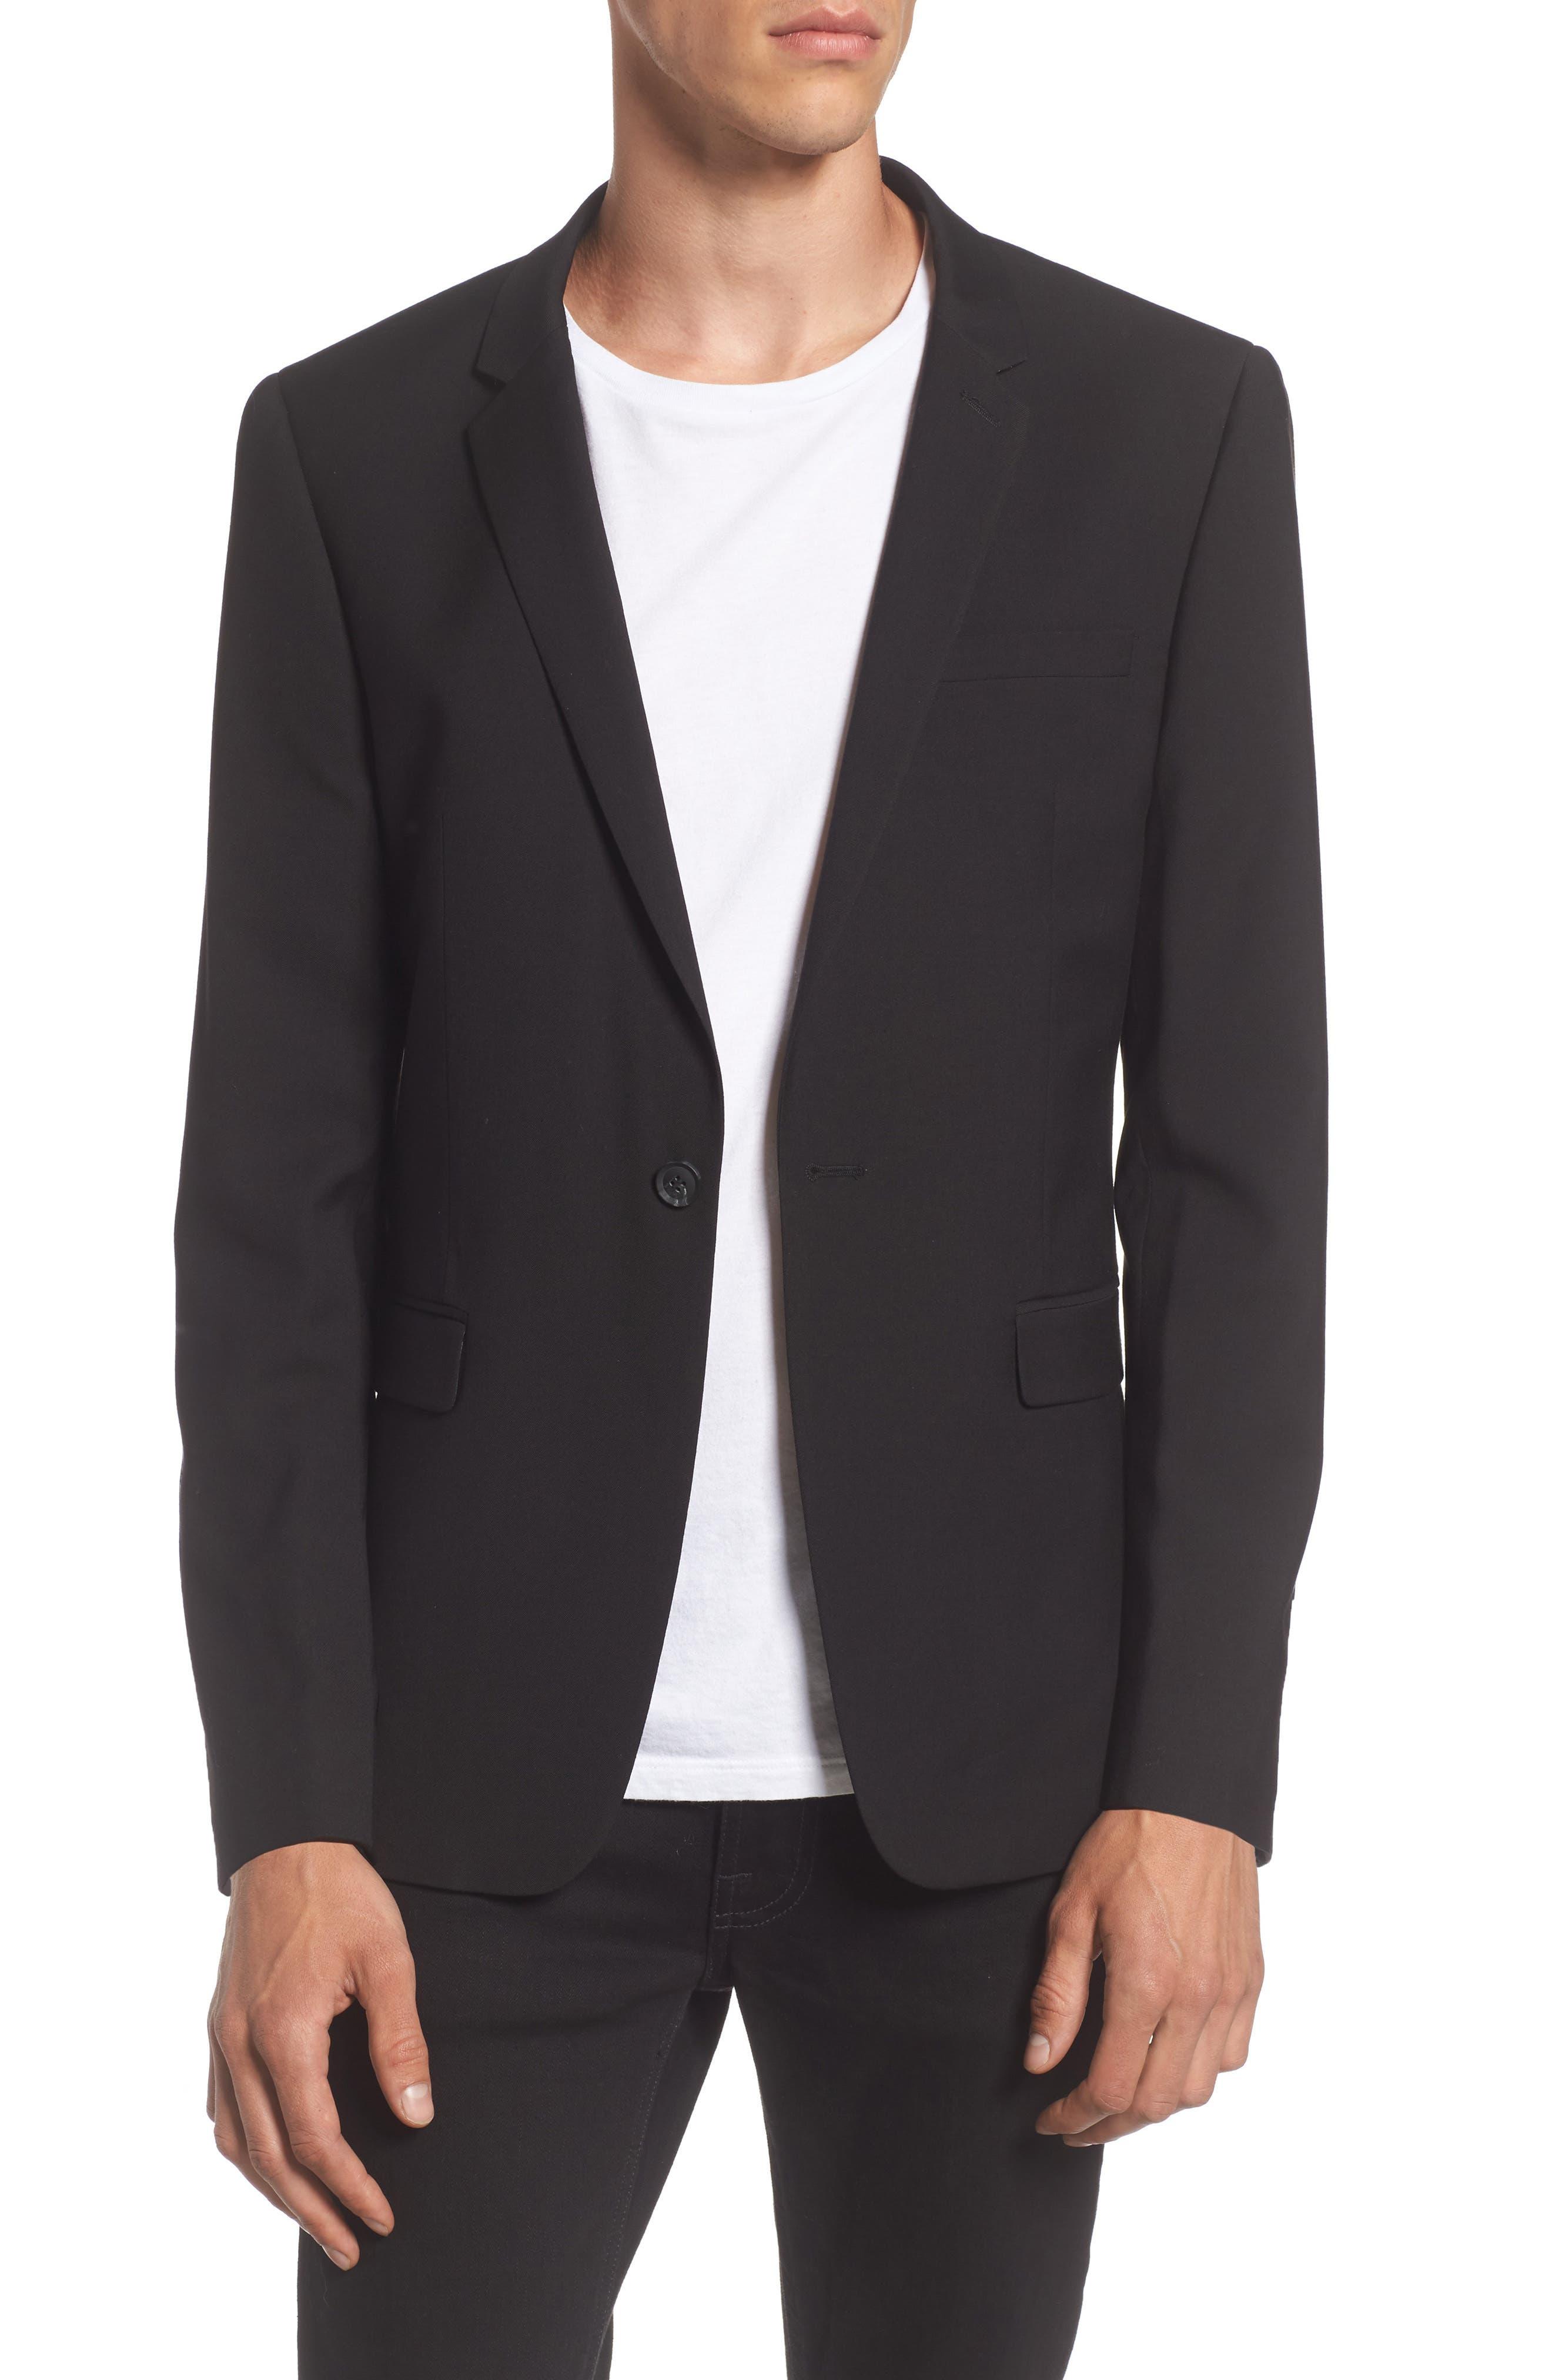 Ultra Skinny Black Suit Jacket,                         Main,                         color, Black